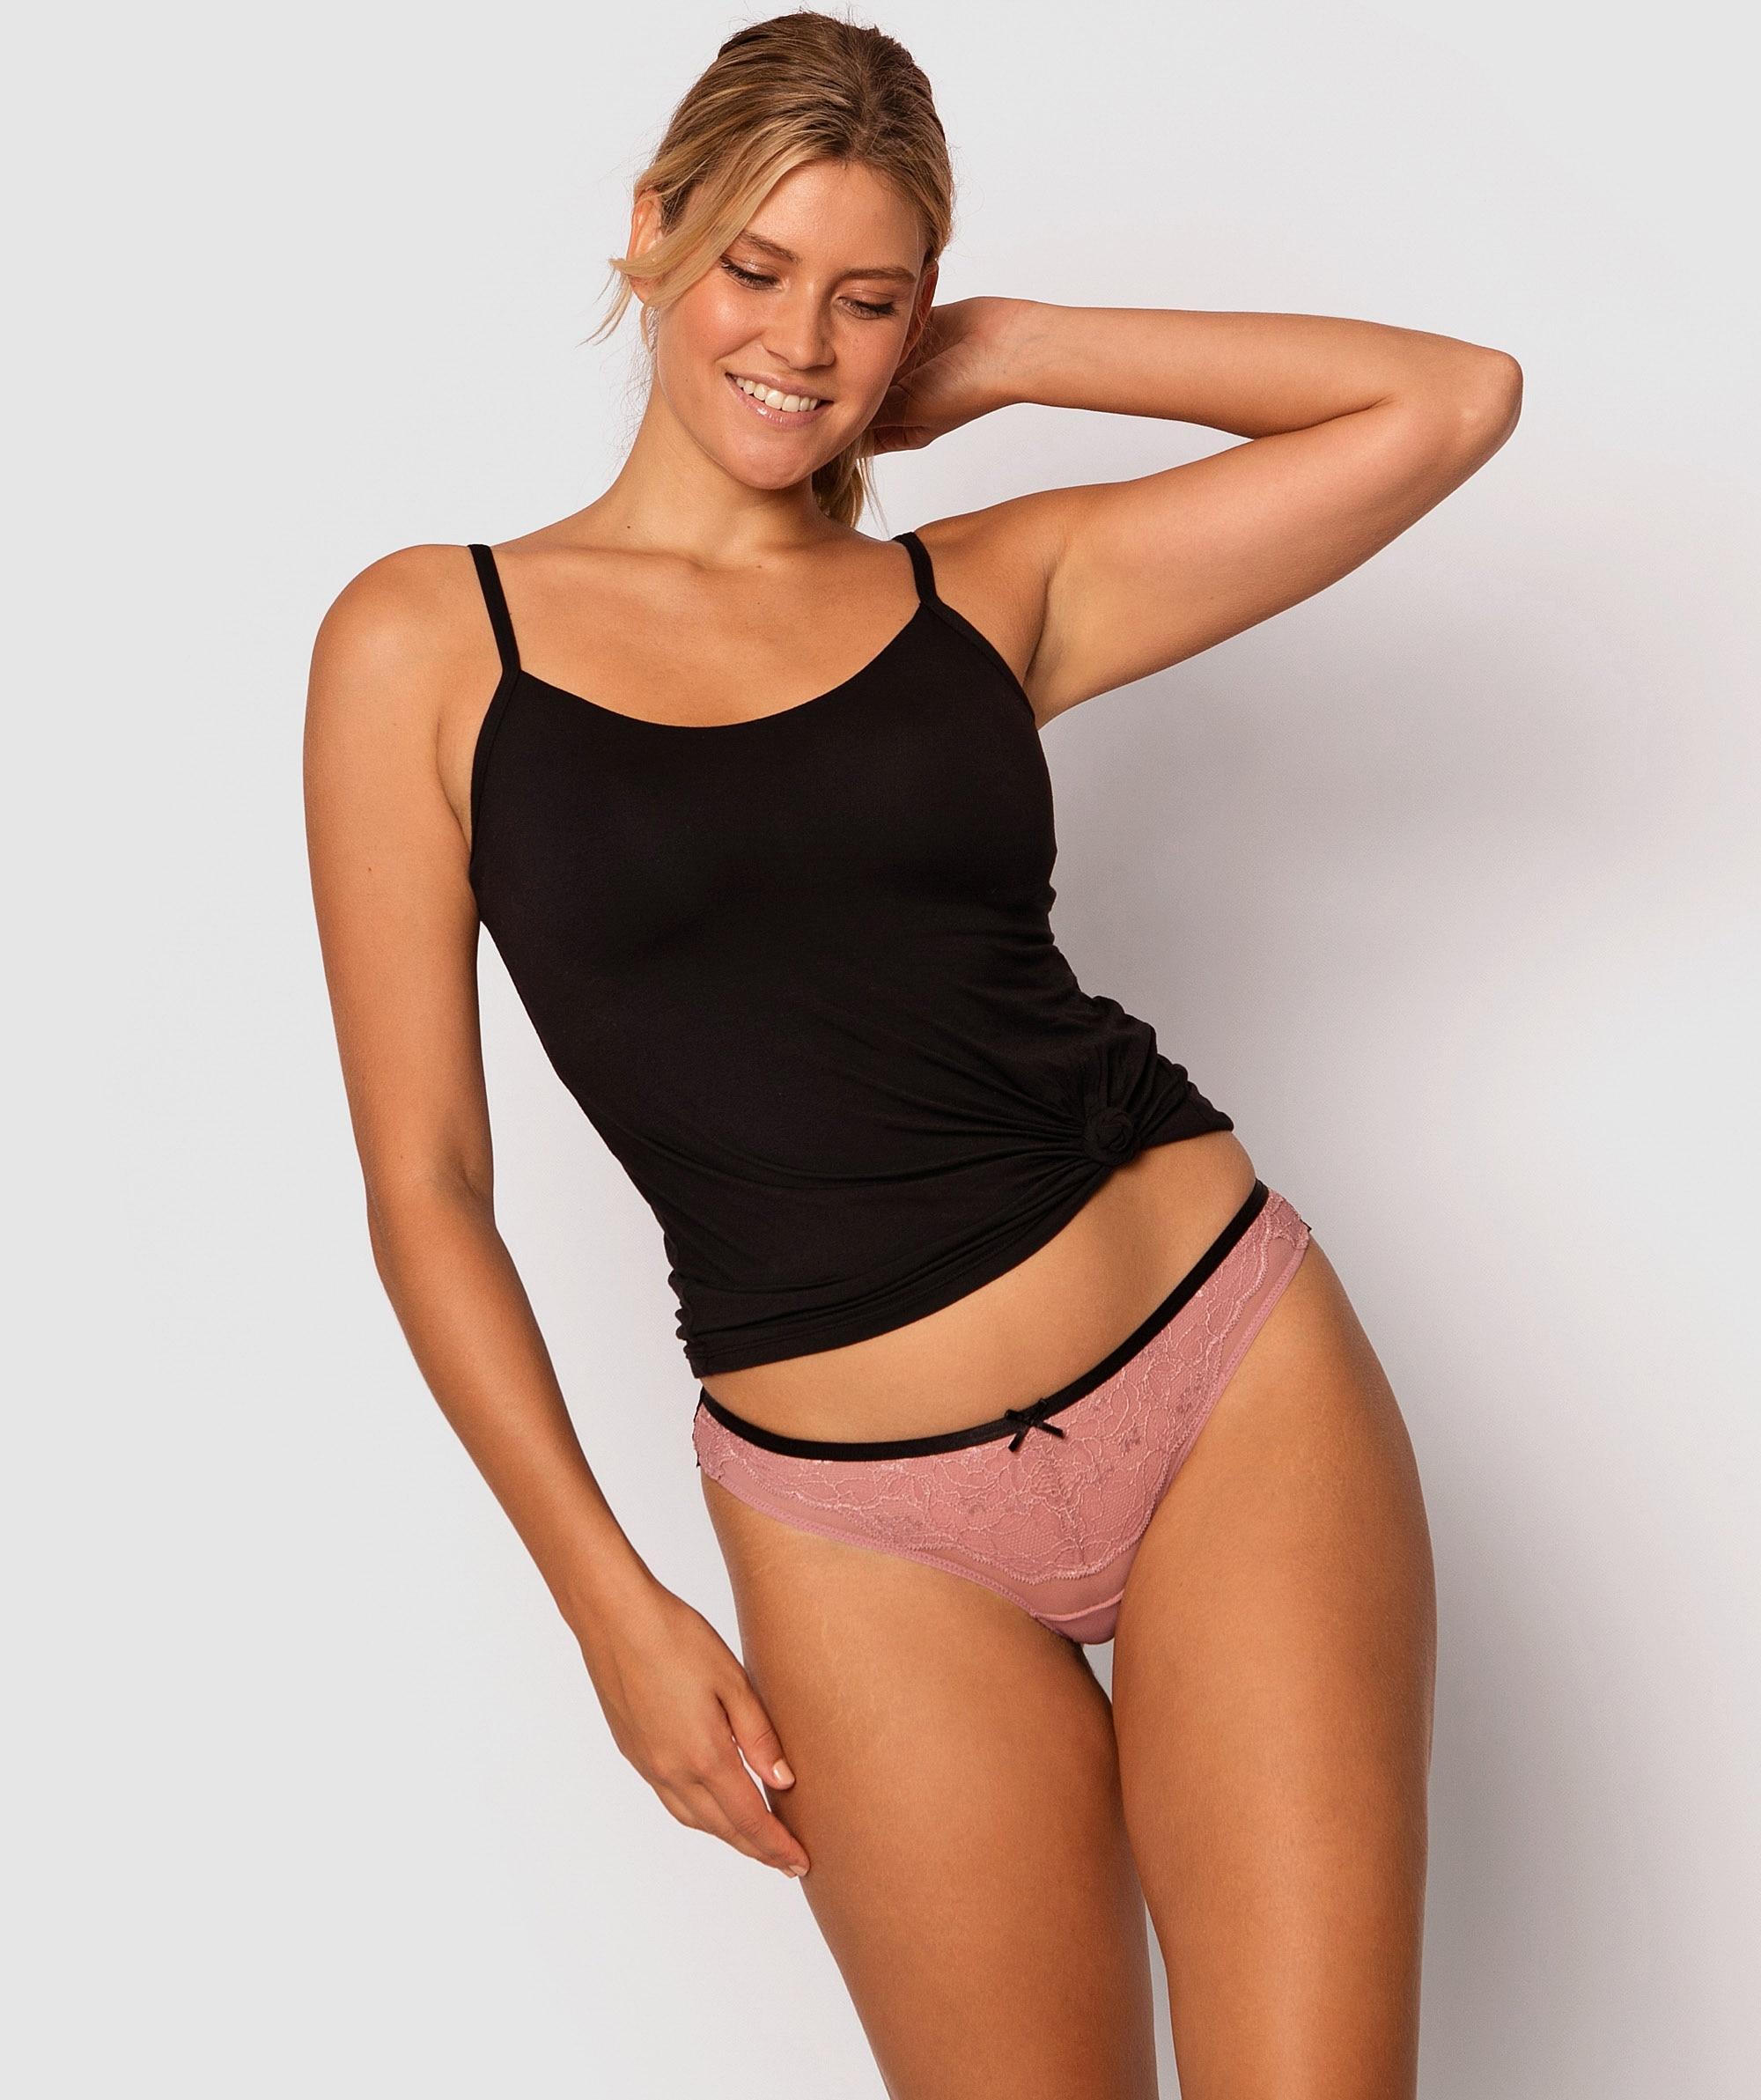 Suzu Brazilian Knicker - Purple/Black